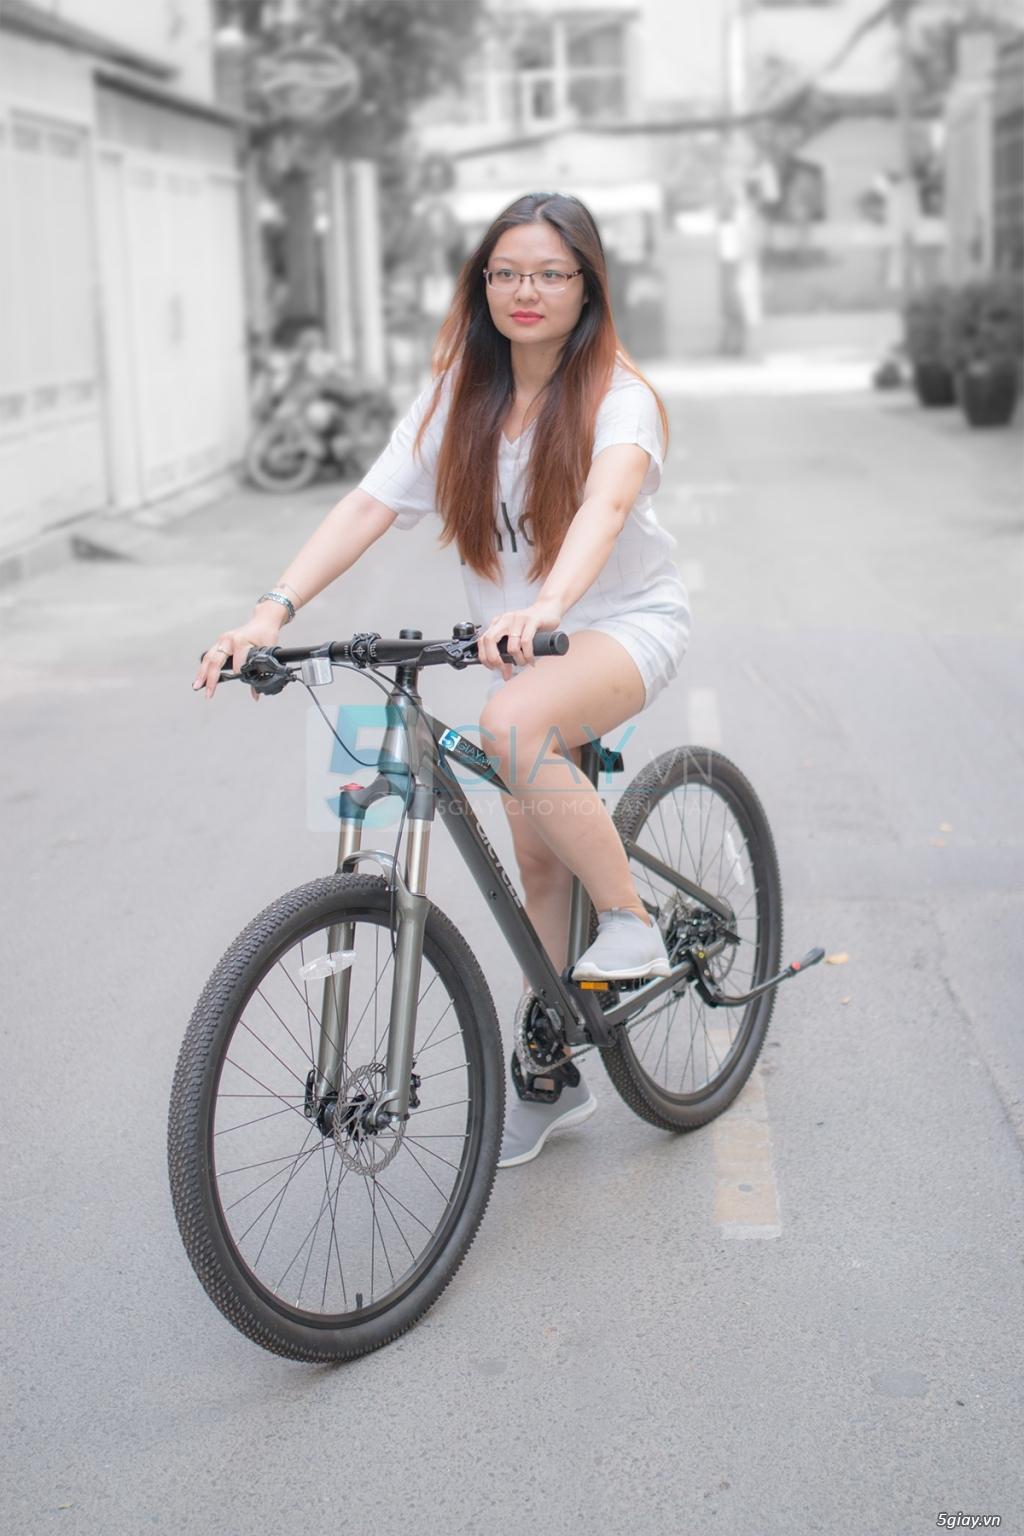 Trải nghiệm xe đạp leo núi thông minh Xiaomi QiCycle MTB 2017 - 218189